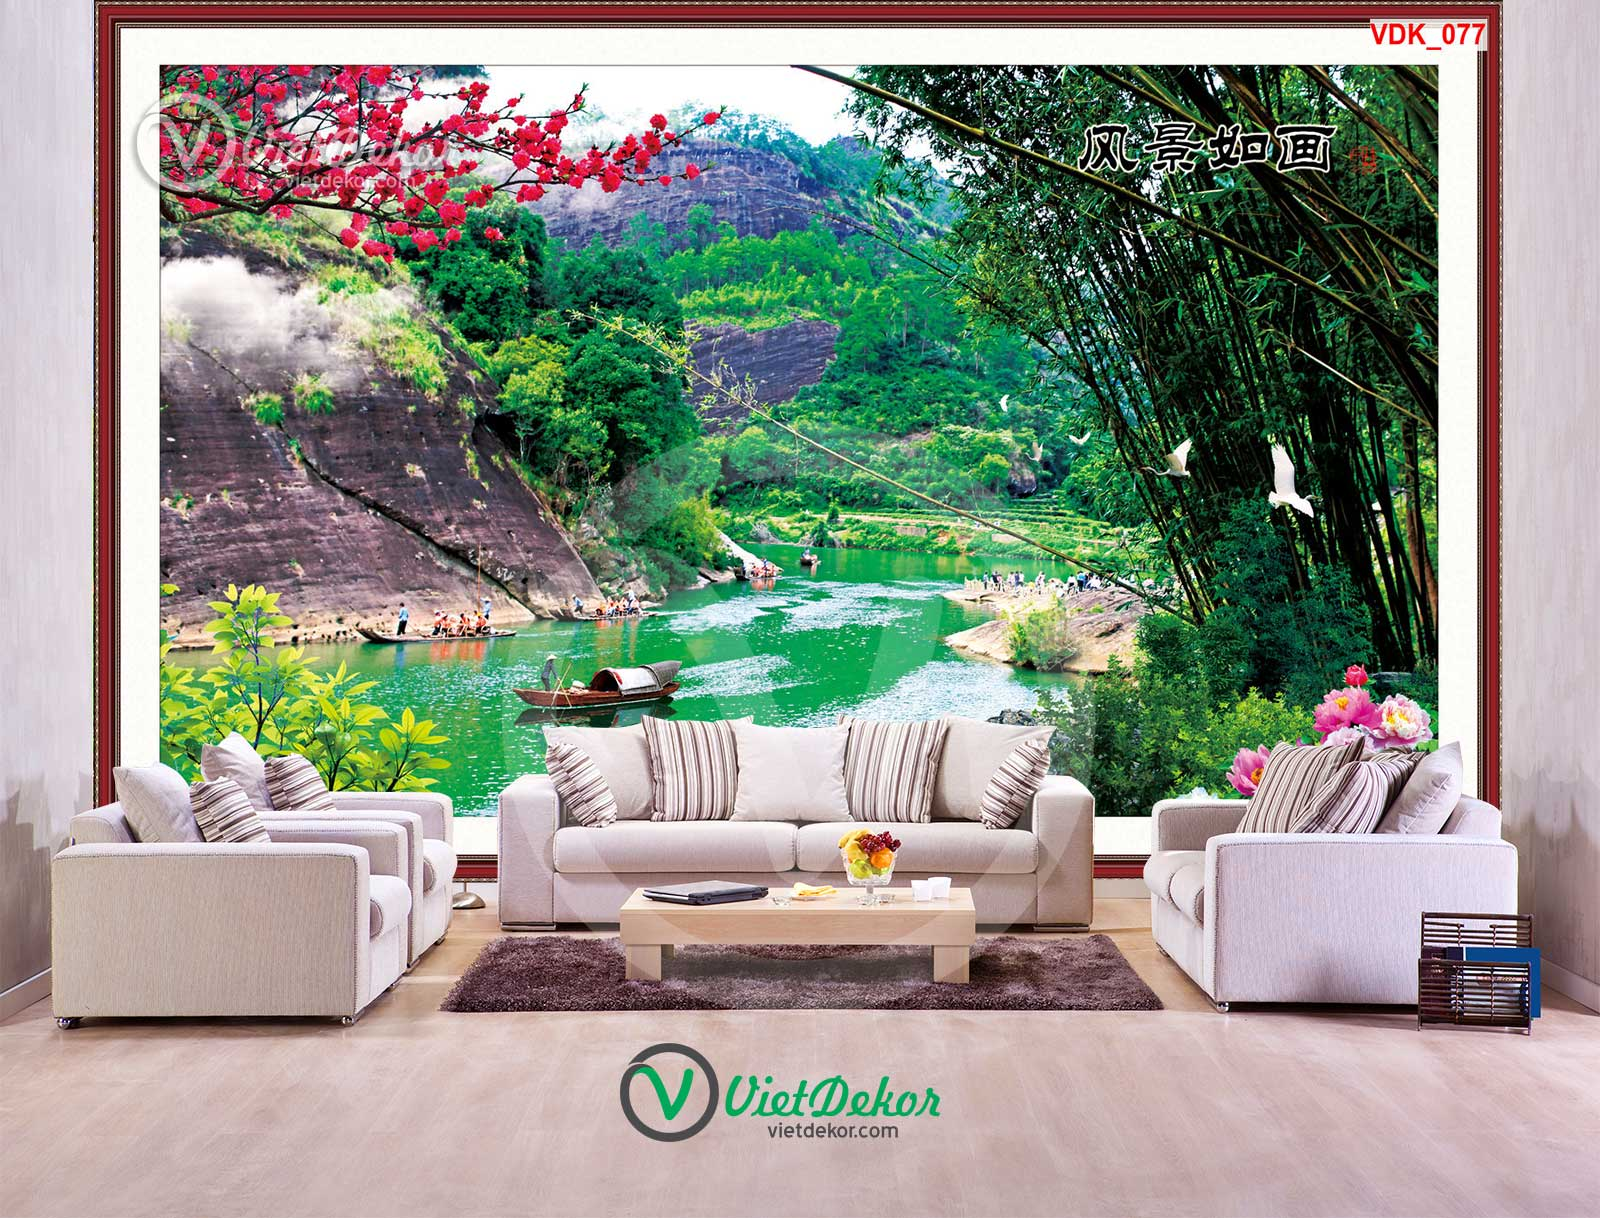 Tranh dán tường 3d phong cảnh